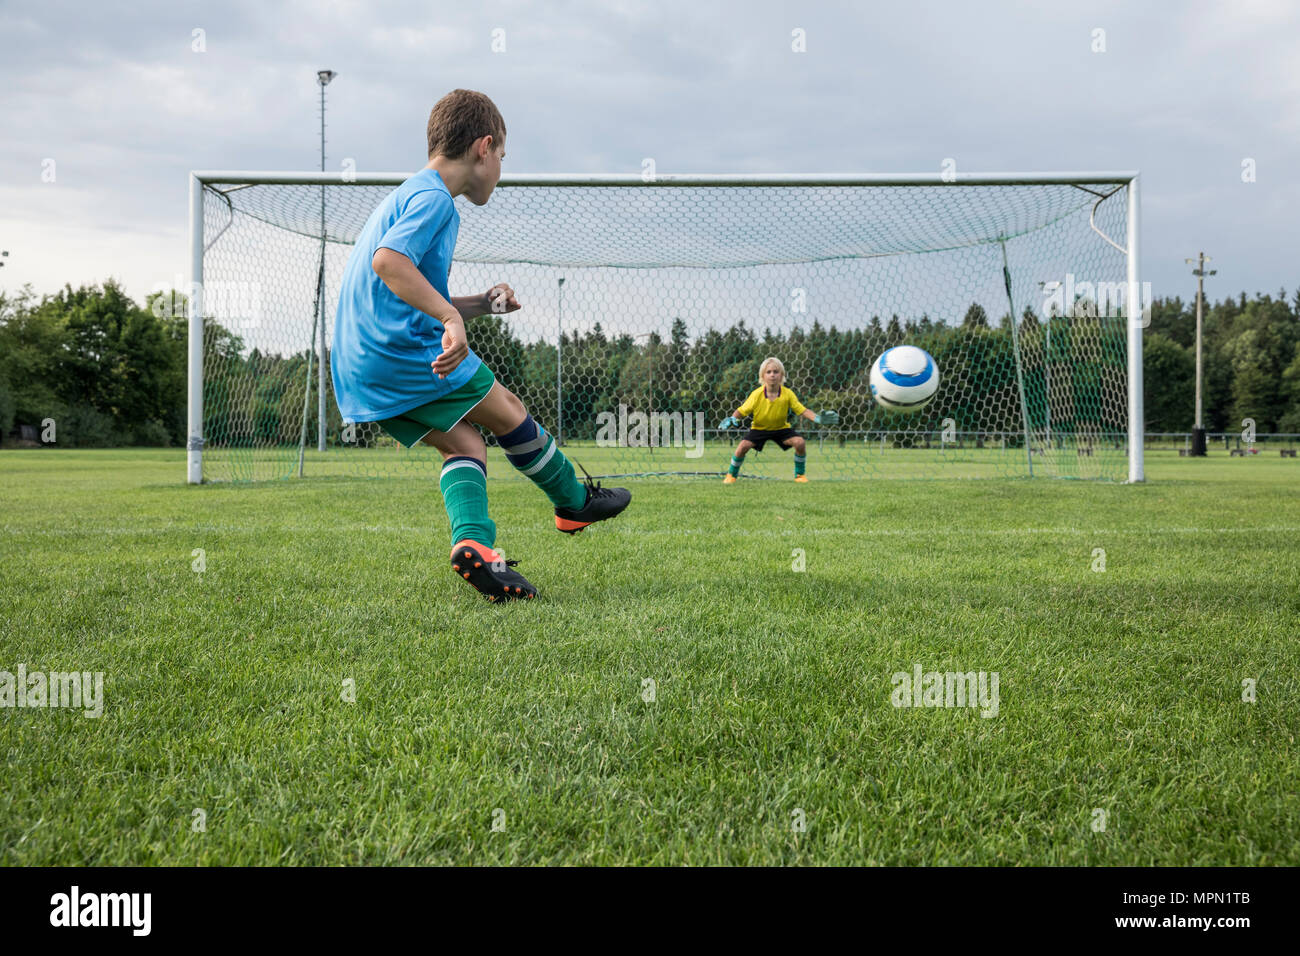 Joven futbolista chutar un balón frente a la portería con portero Foto de stock